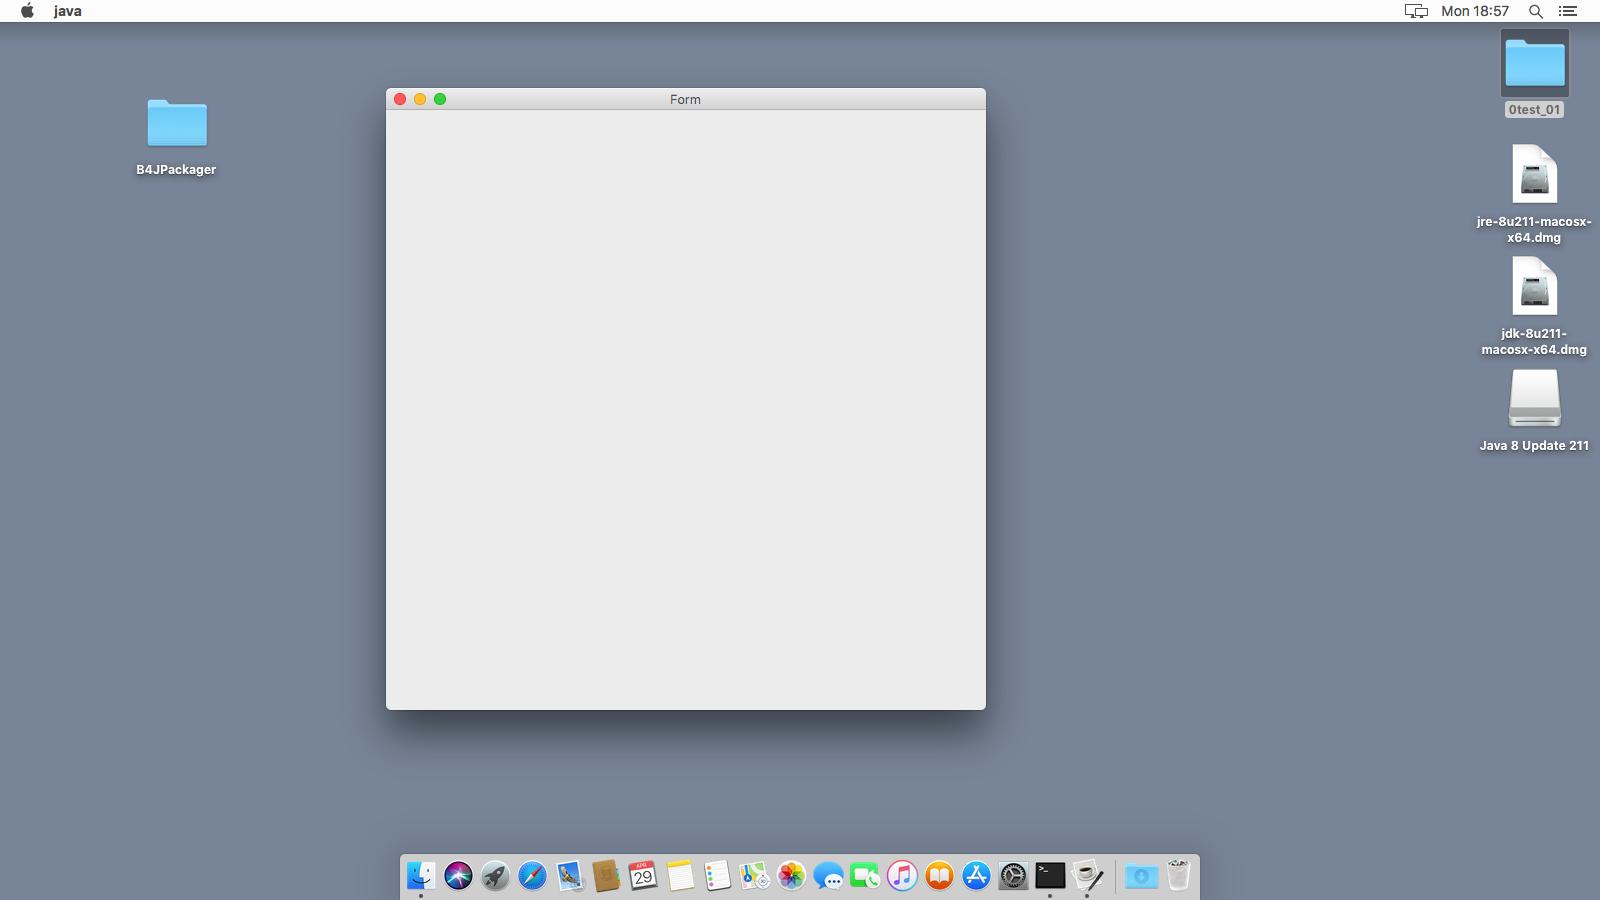 b4J form macOS 10.13 empty.png